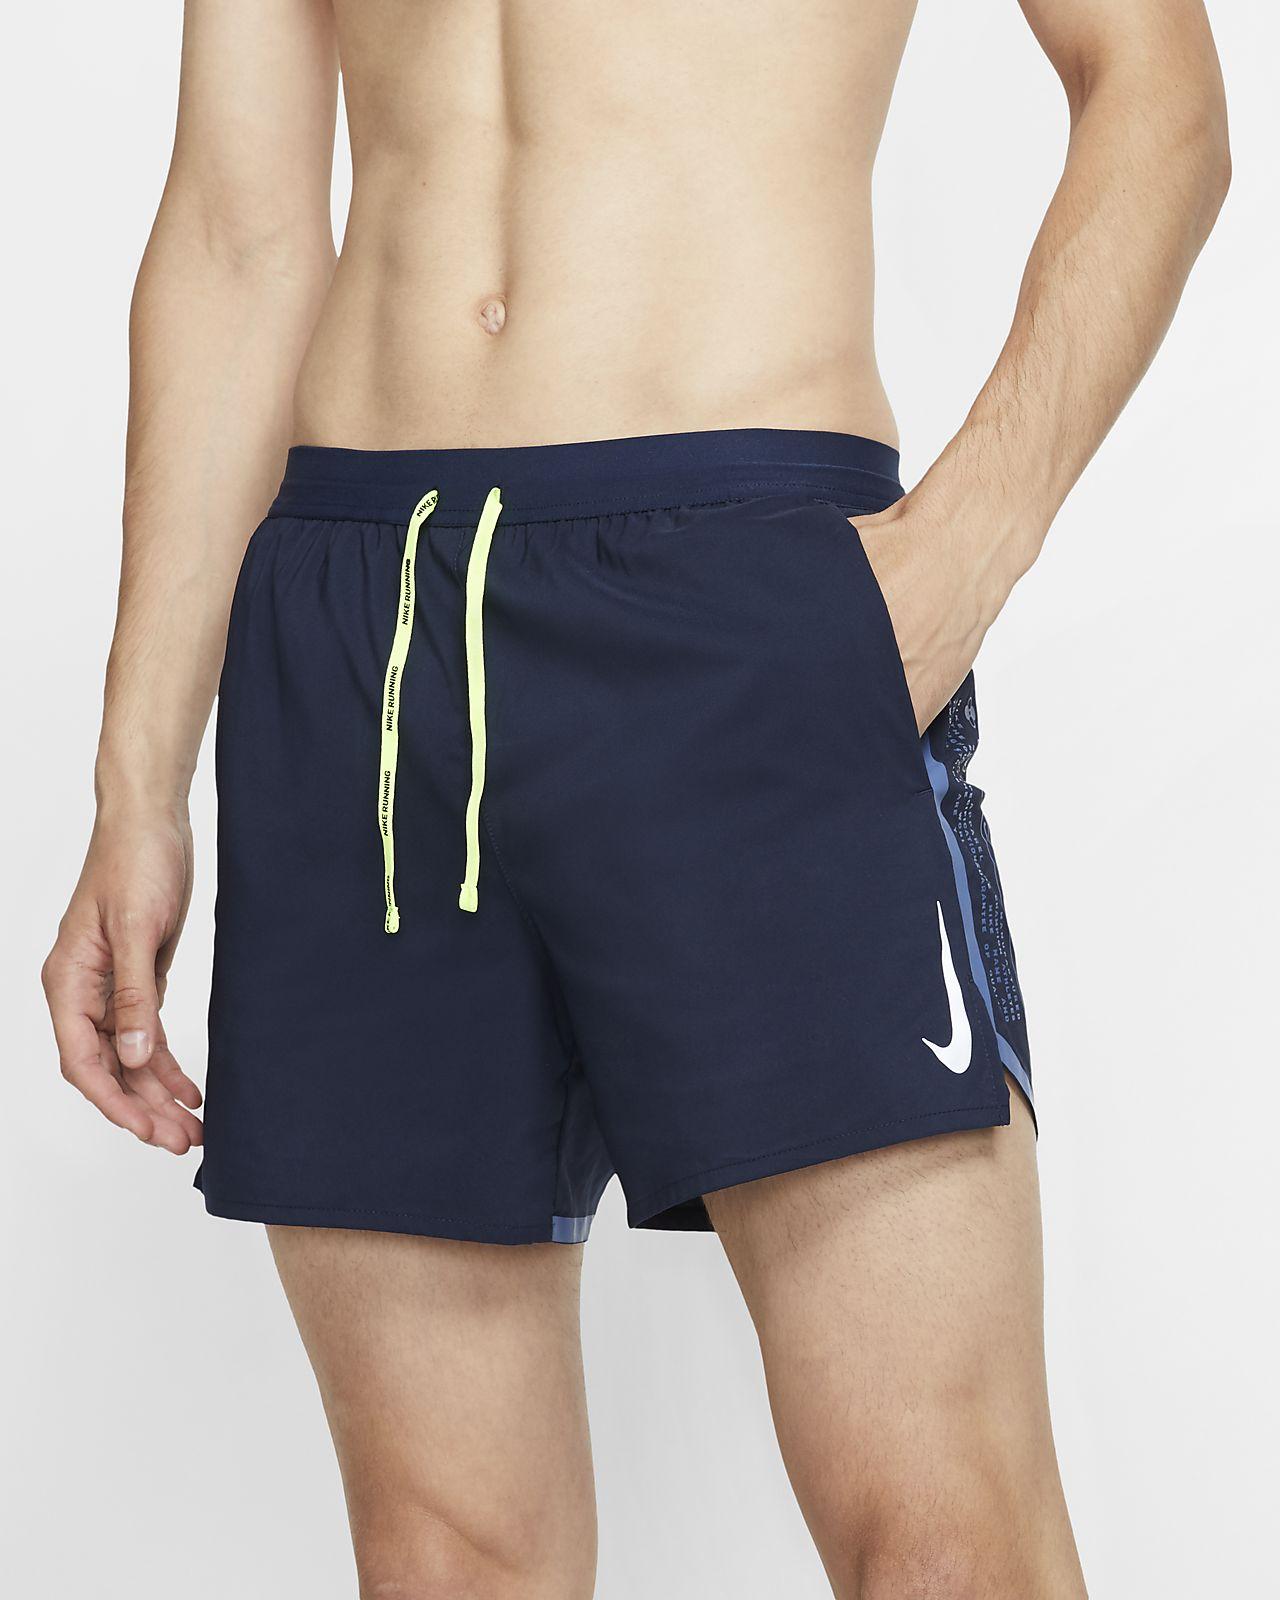 Nike Air Flex Stride-løbeshorts (13 cm) med for til mænd